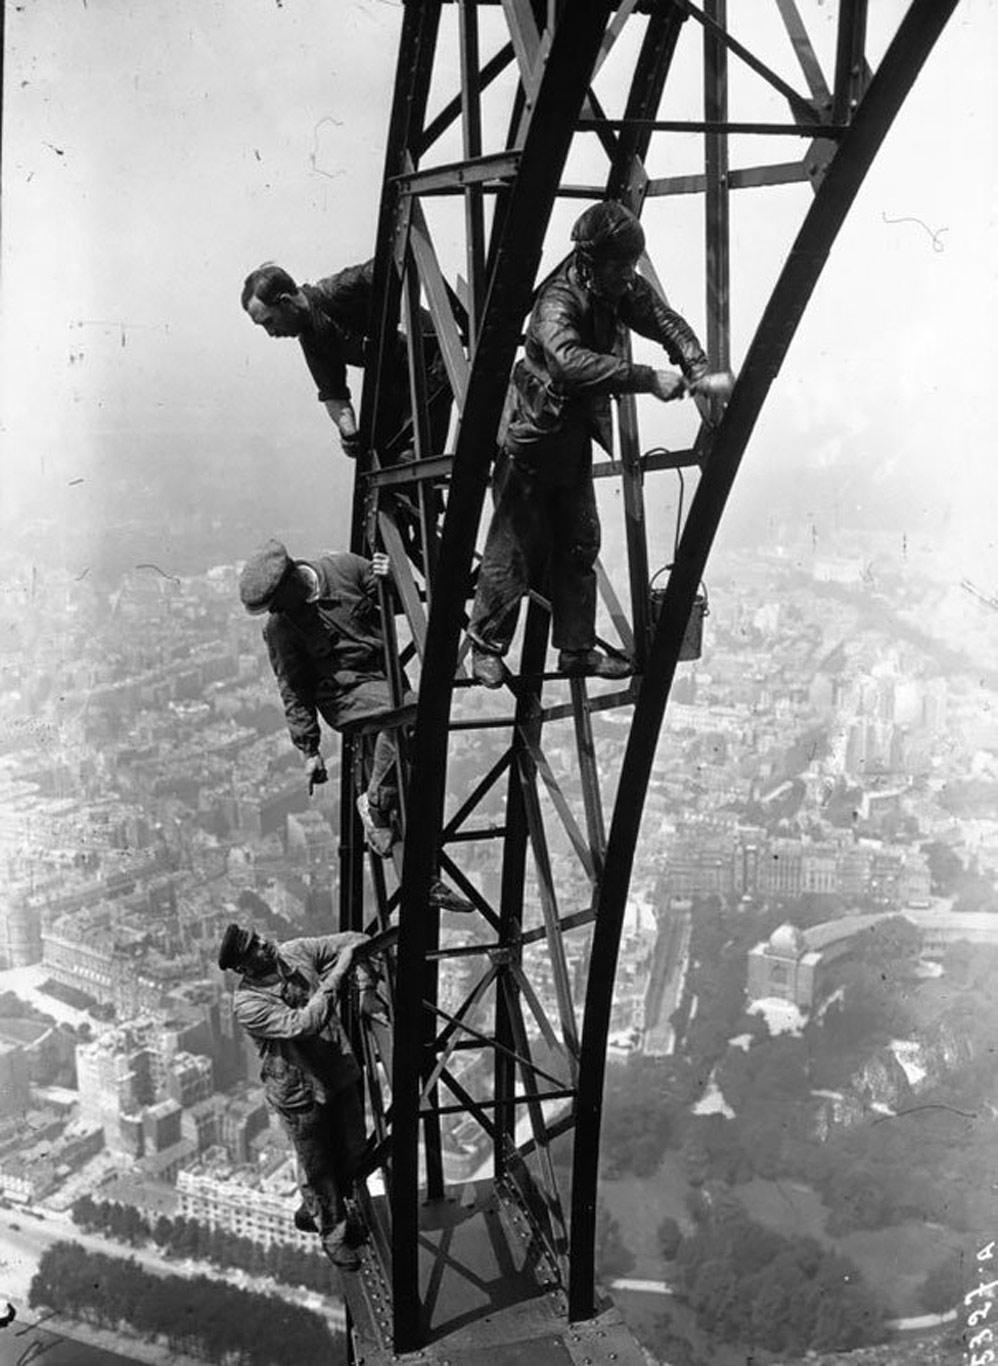 Những người thợ đang sơn tháp Eiffel năm 1932